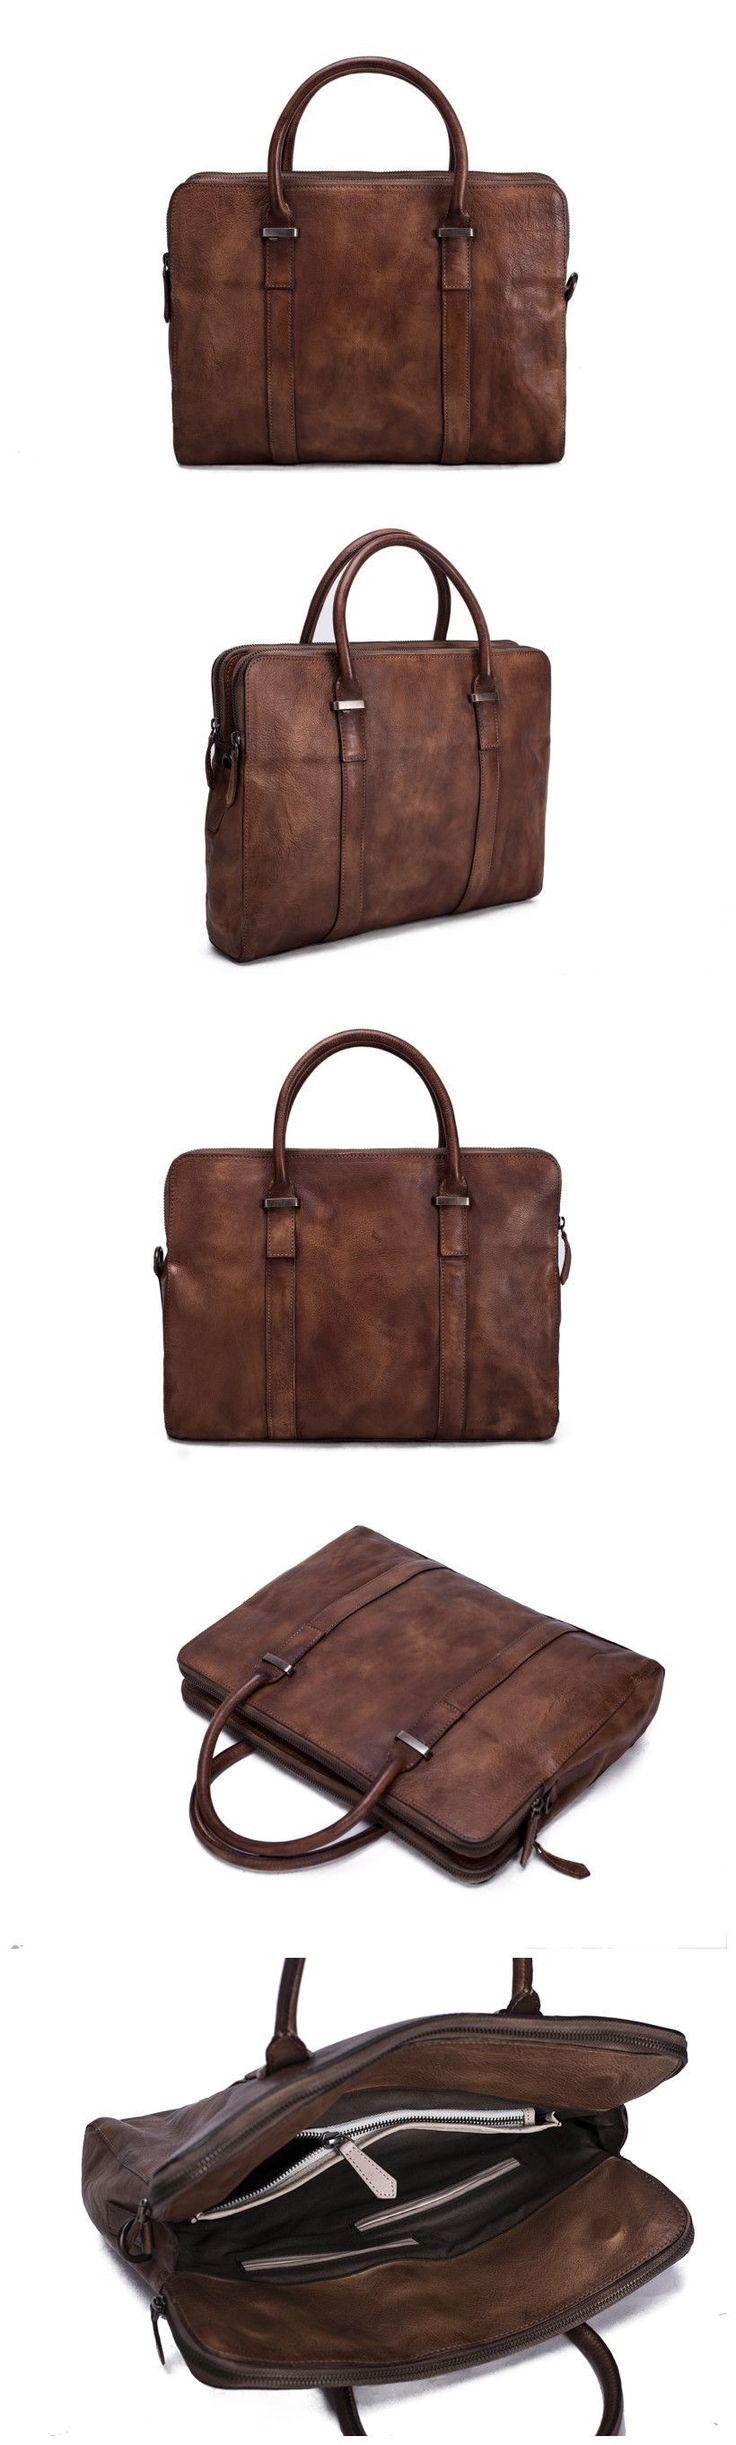 Laptop Bag Vintage Vegetable Tanned Leather Briefcase Messenger Bag